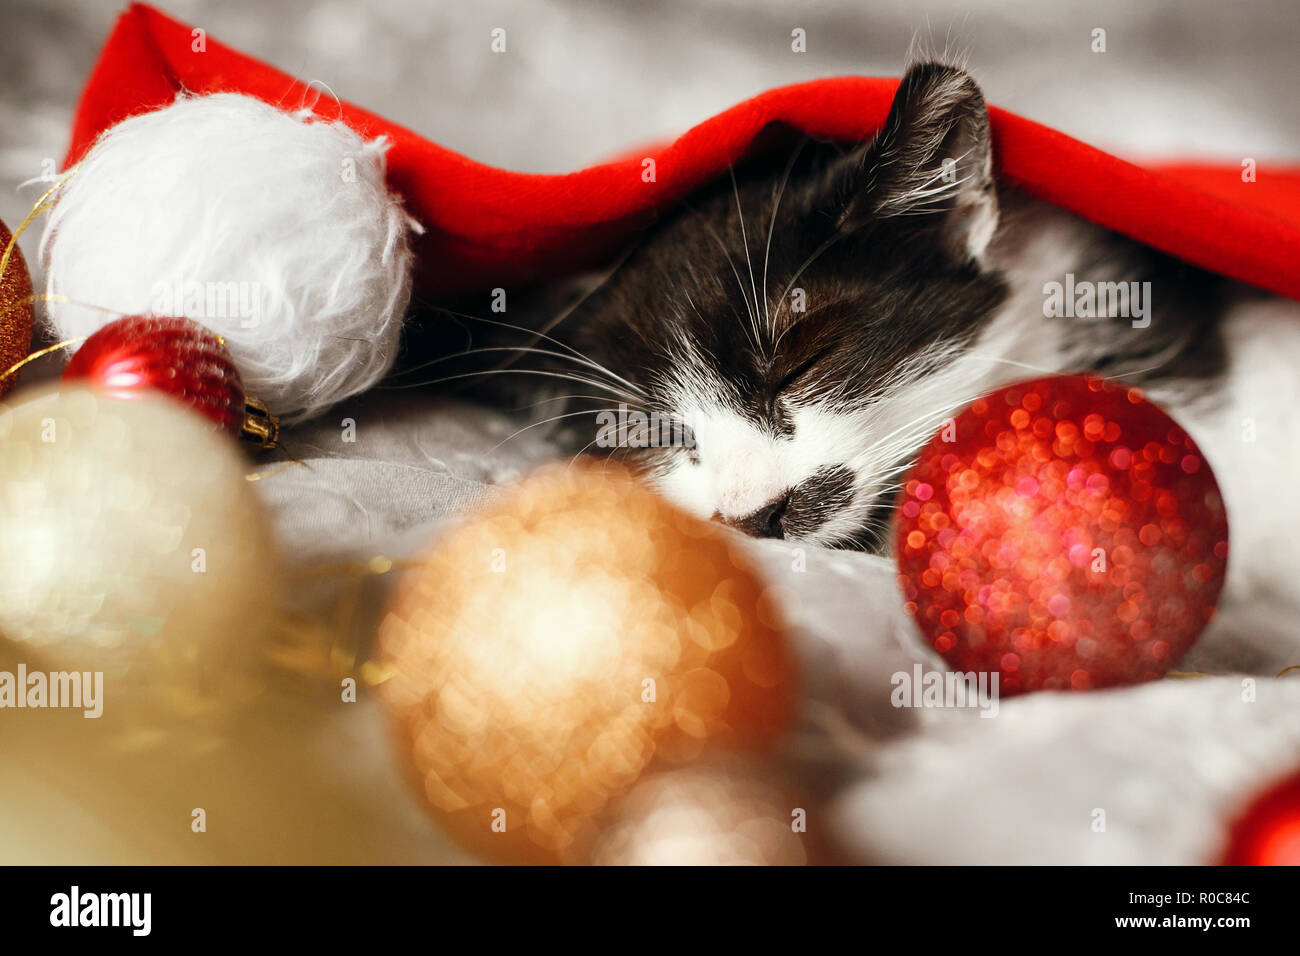 Feliz Navidad concepto. Lindo gatito durmiendo en santa sombrero en la cama con oro y rojo bolas de navidad en la sala de fiestas. Imagen atmosférica. La temporada gree Imagen De Stock